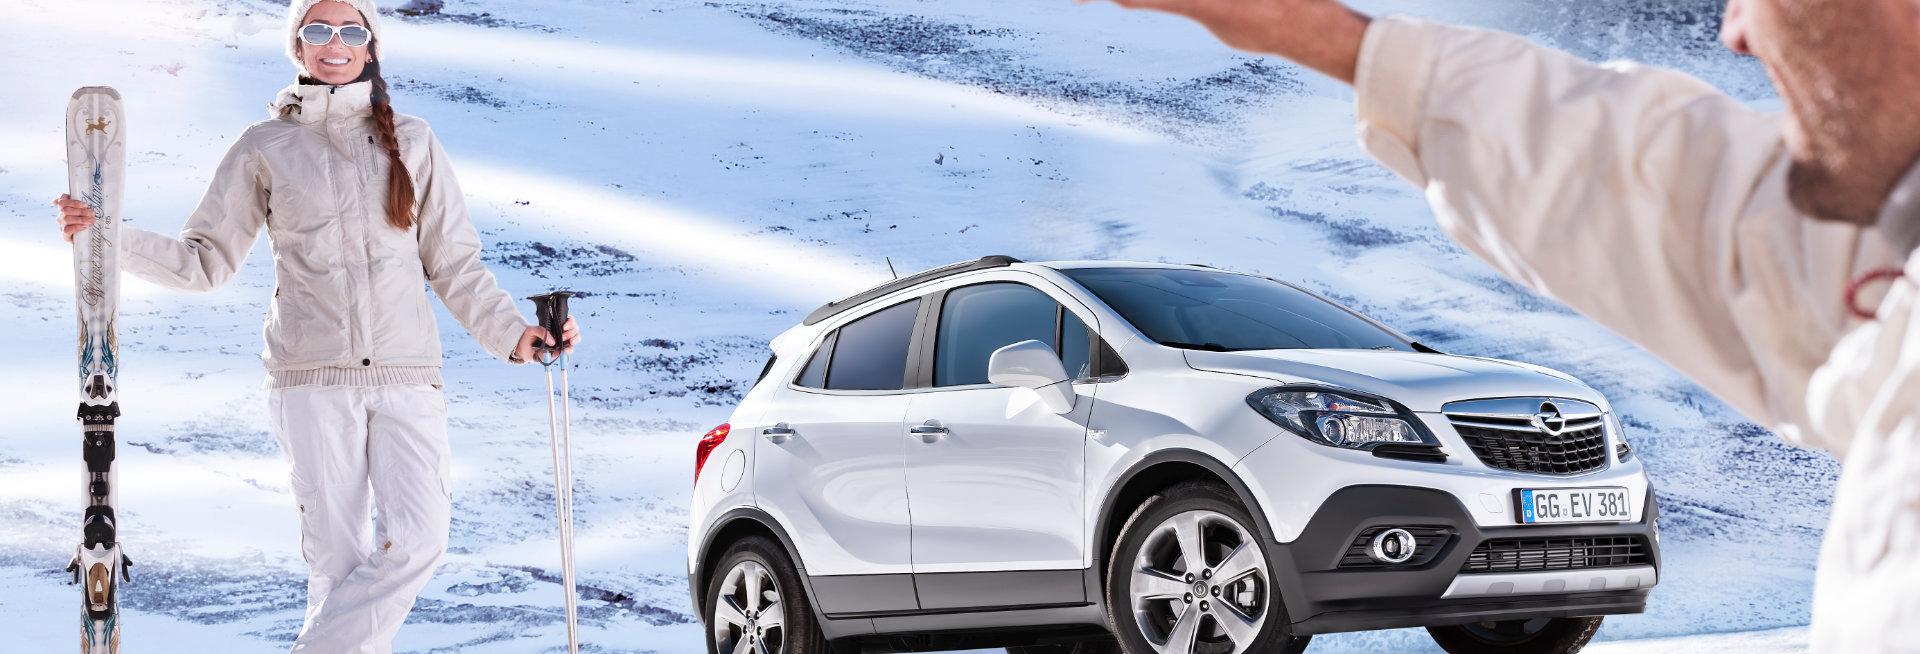 Sneeuwkettingen voor de Opel Mokka